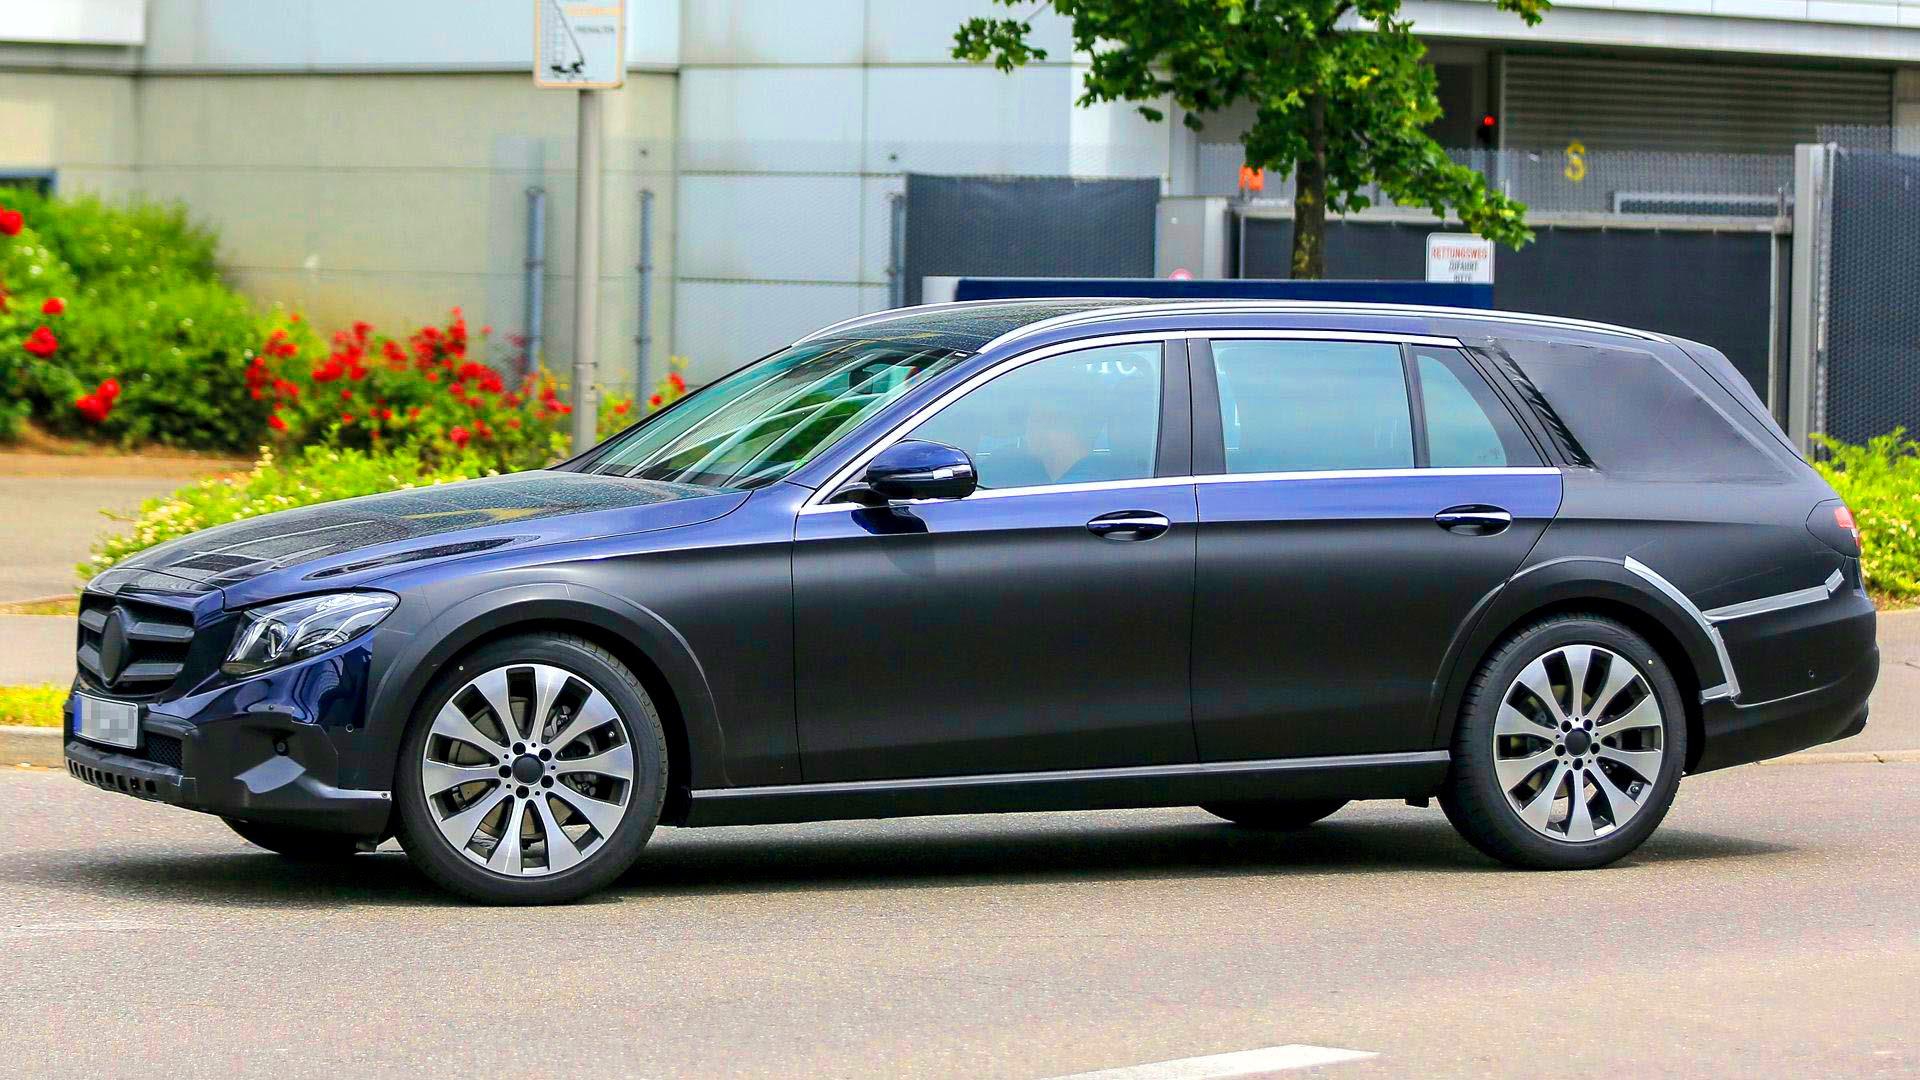 Mercedes E-Class All-Terrain Widescreen